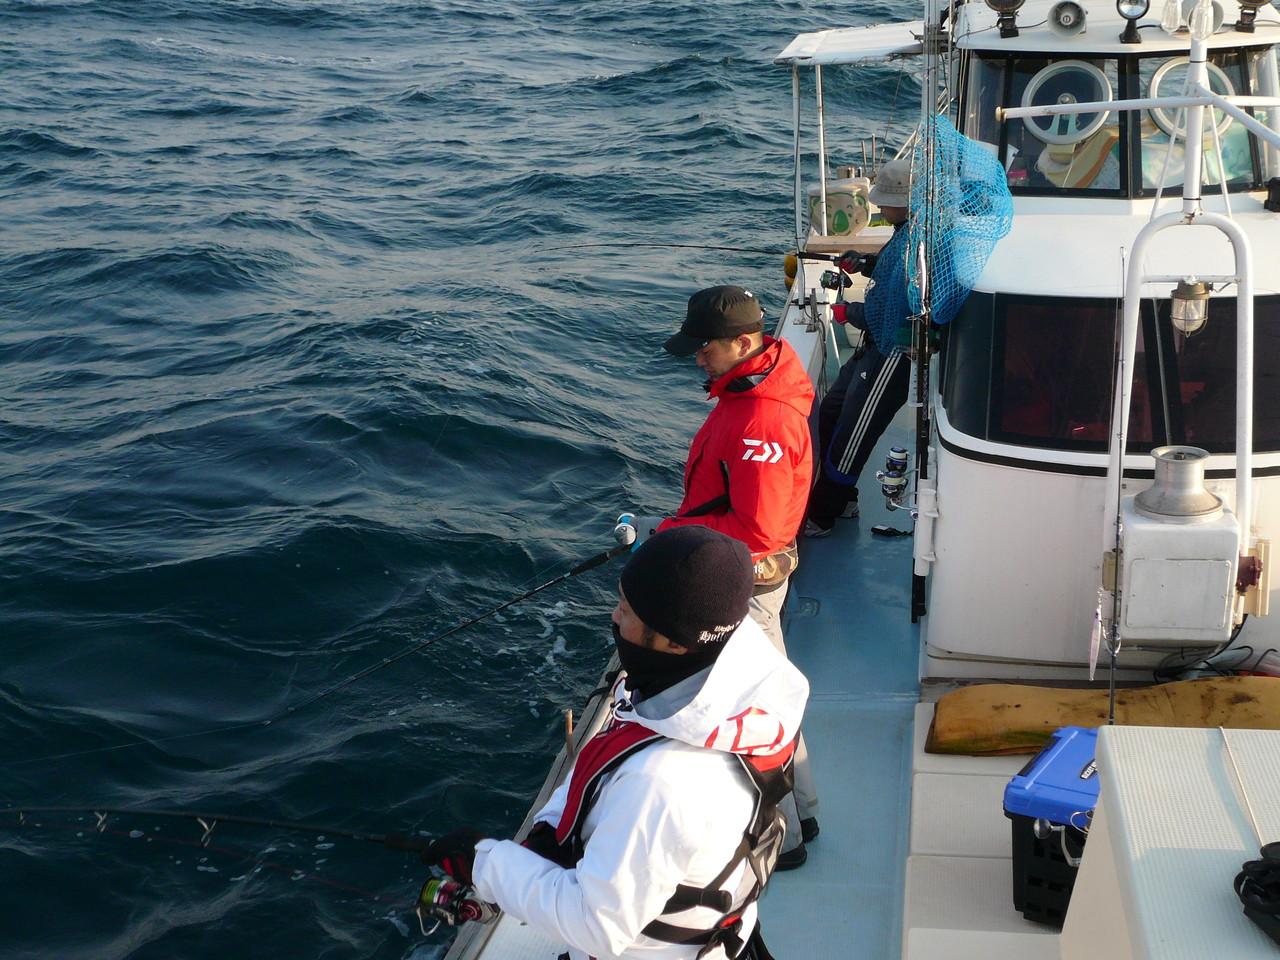 4月13日土曜日 準備OK 東京からの国境の海で 挑戦です